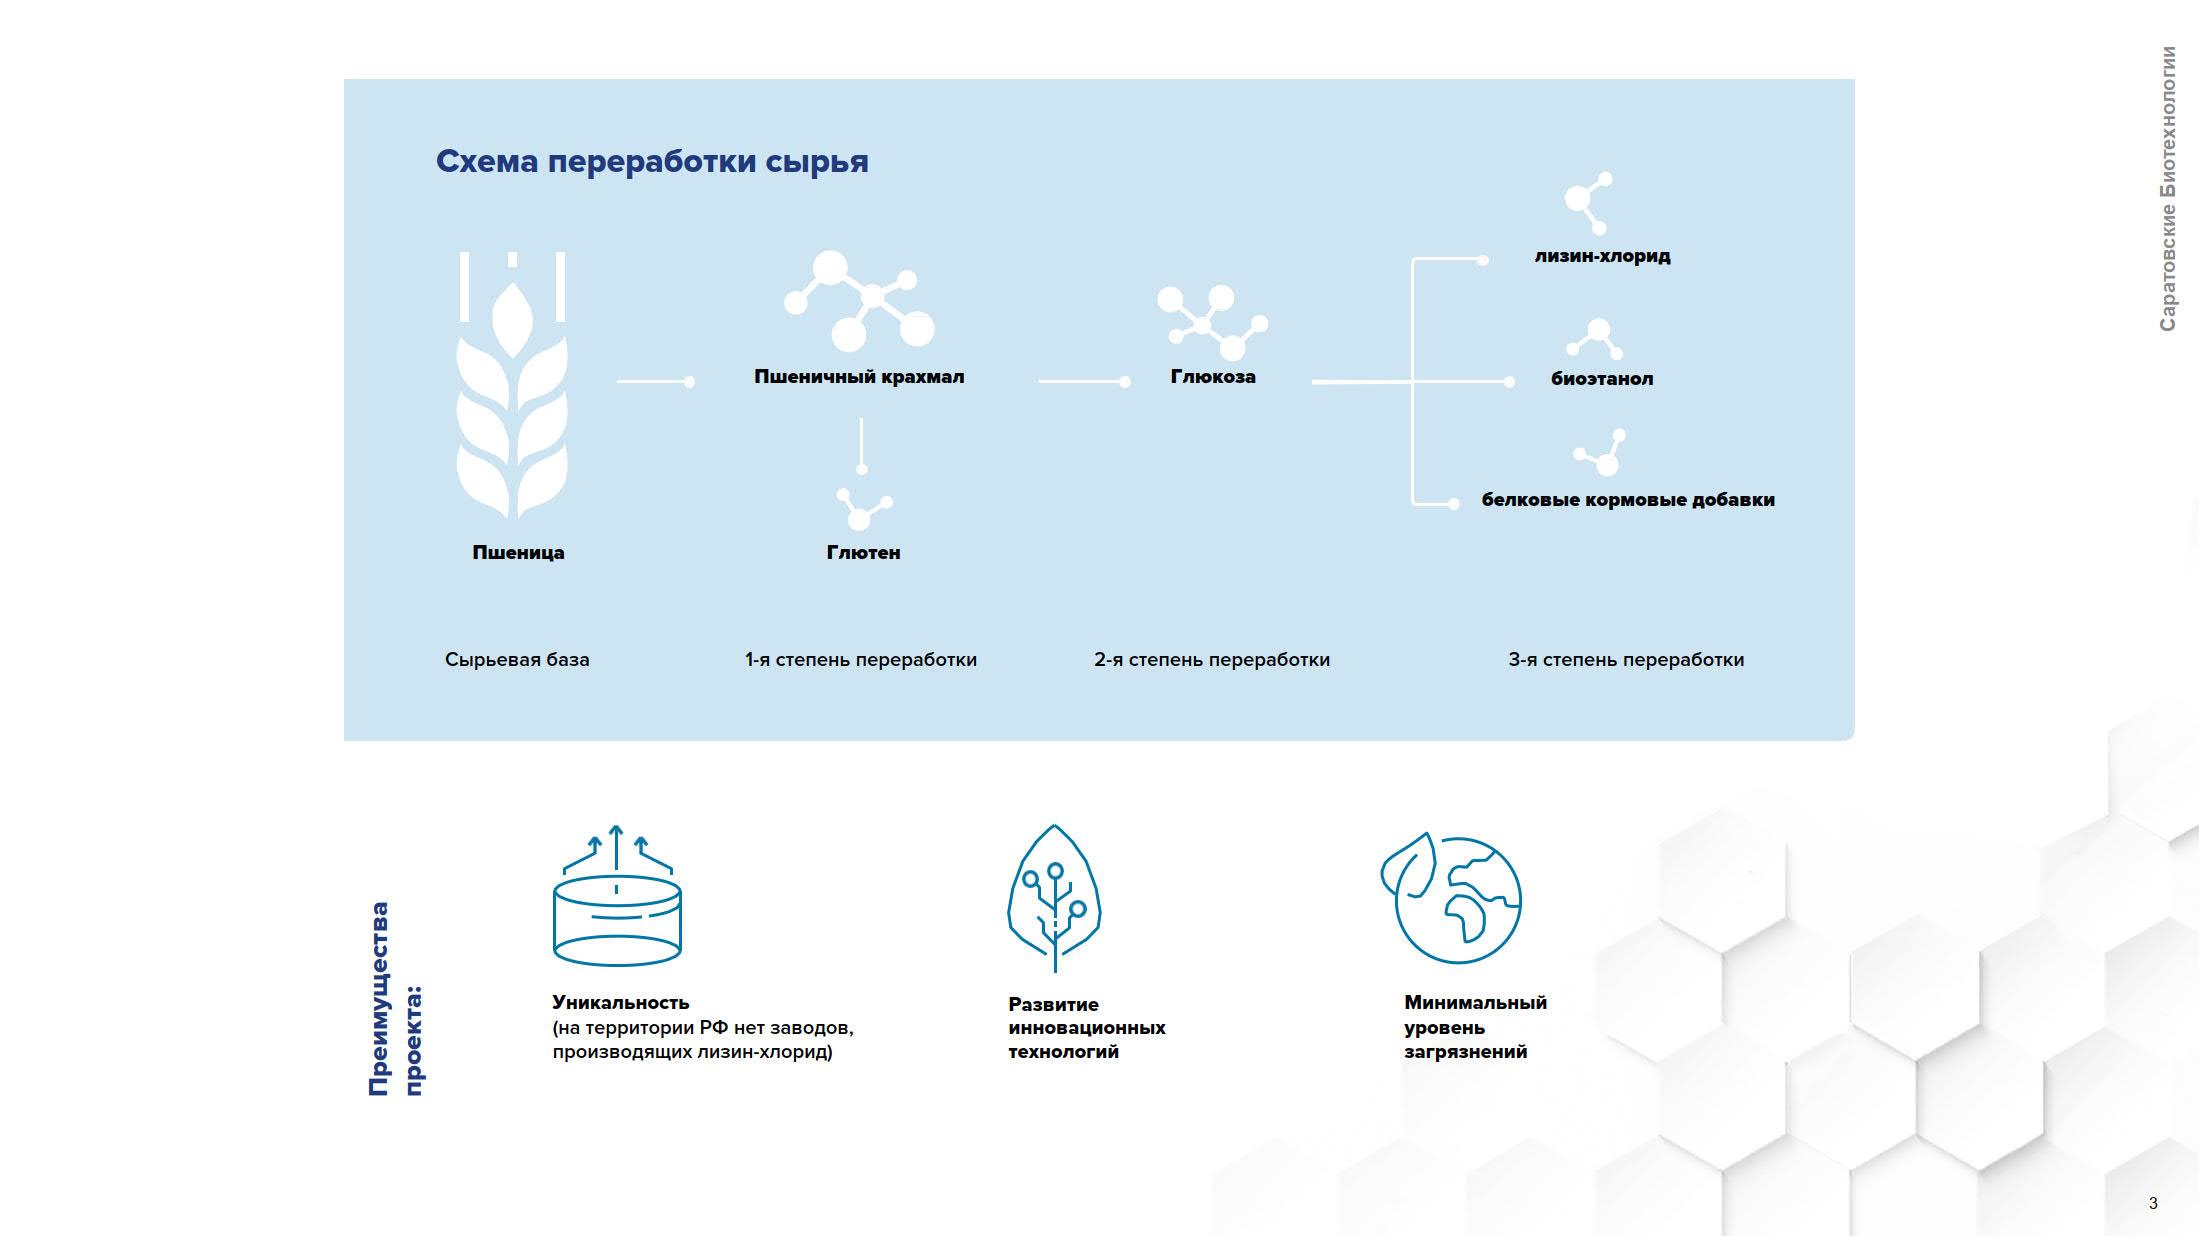 prezentacziya-kompleksa-dlya-proizvodstva-aminokislot-shema-pererabotki-syrja